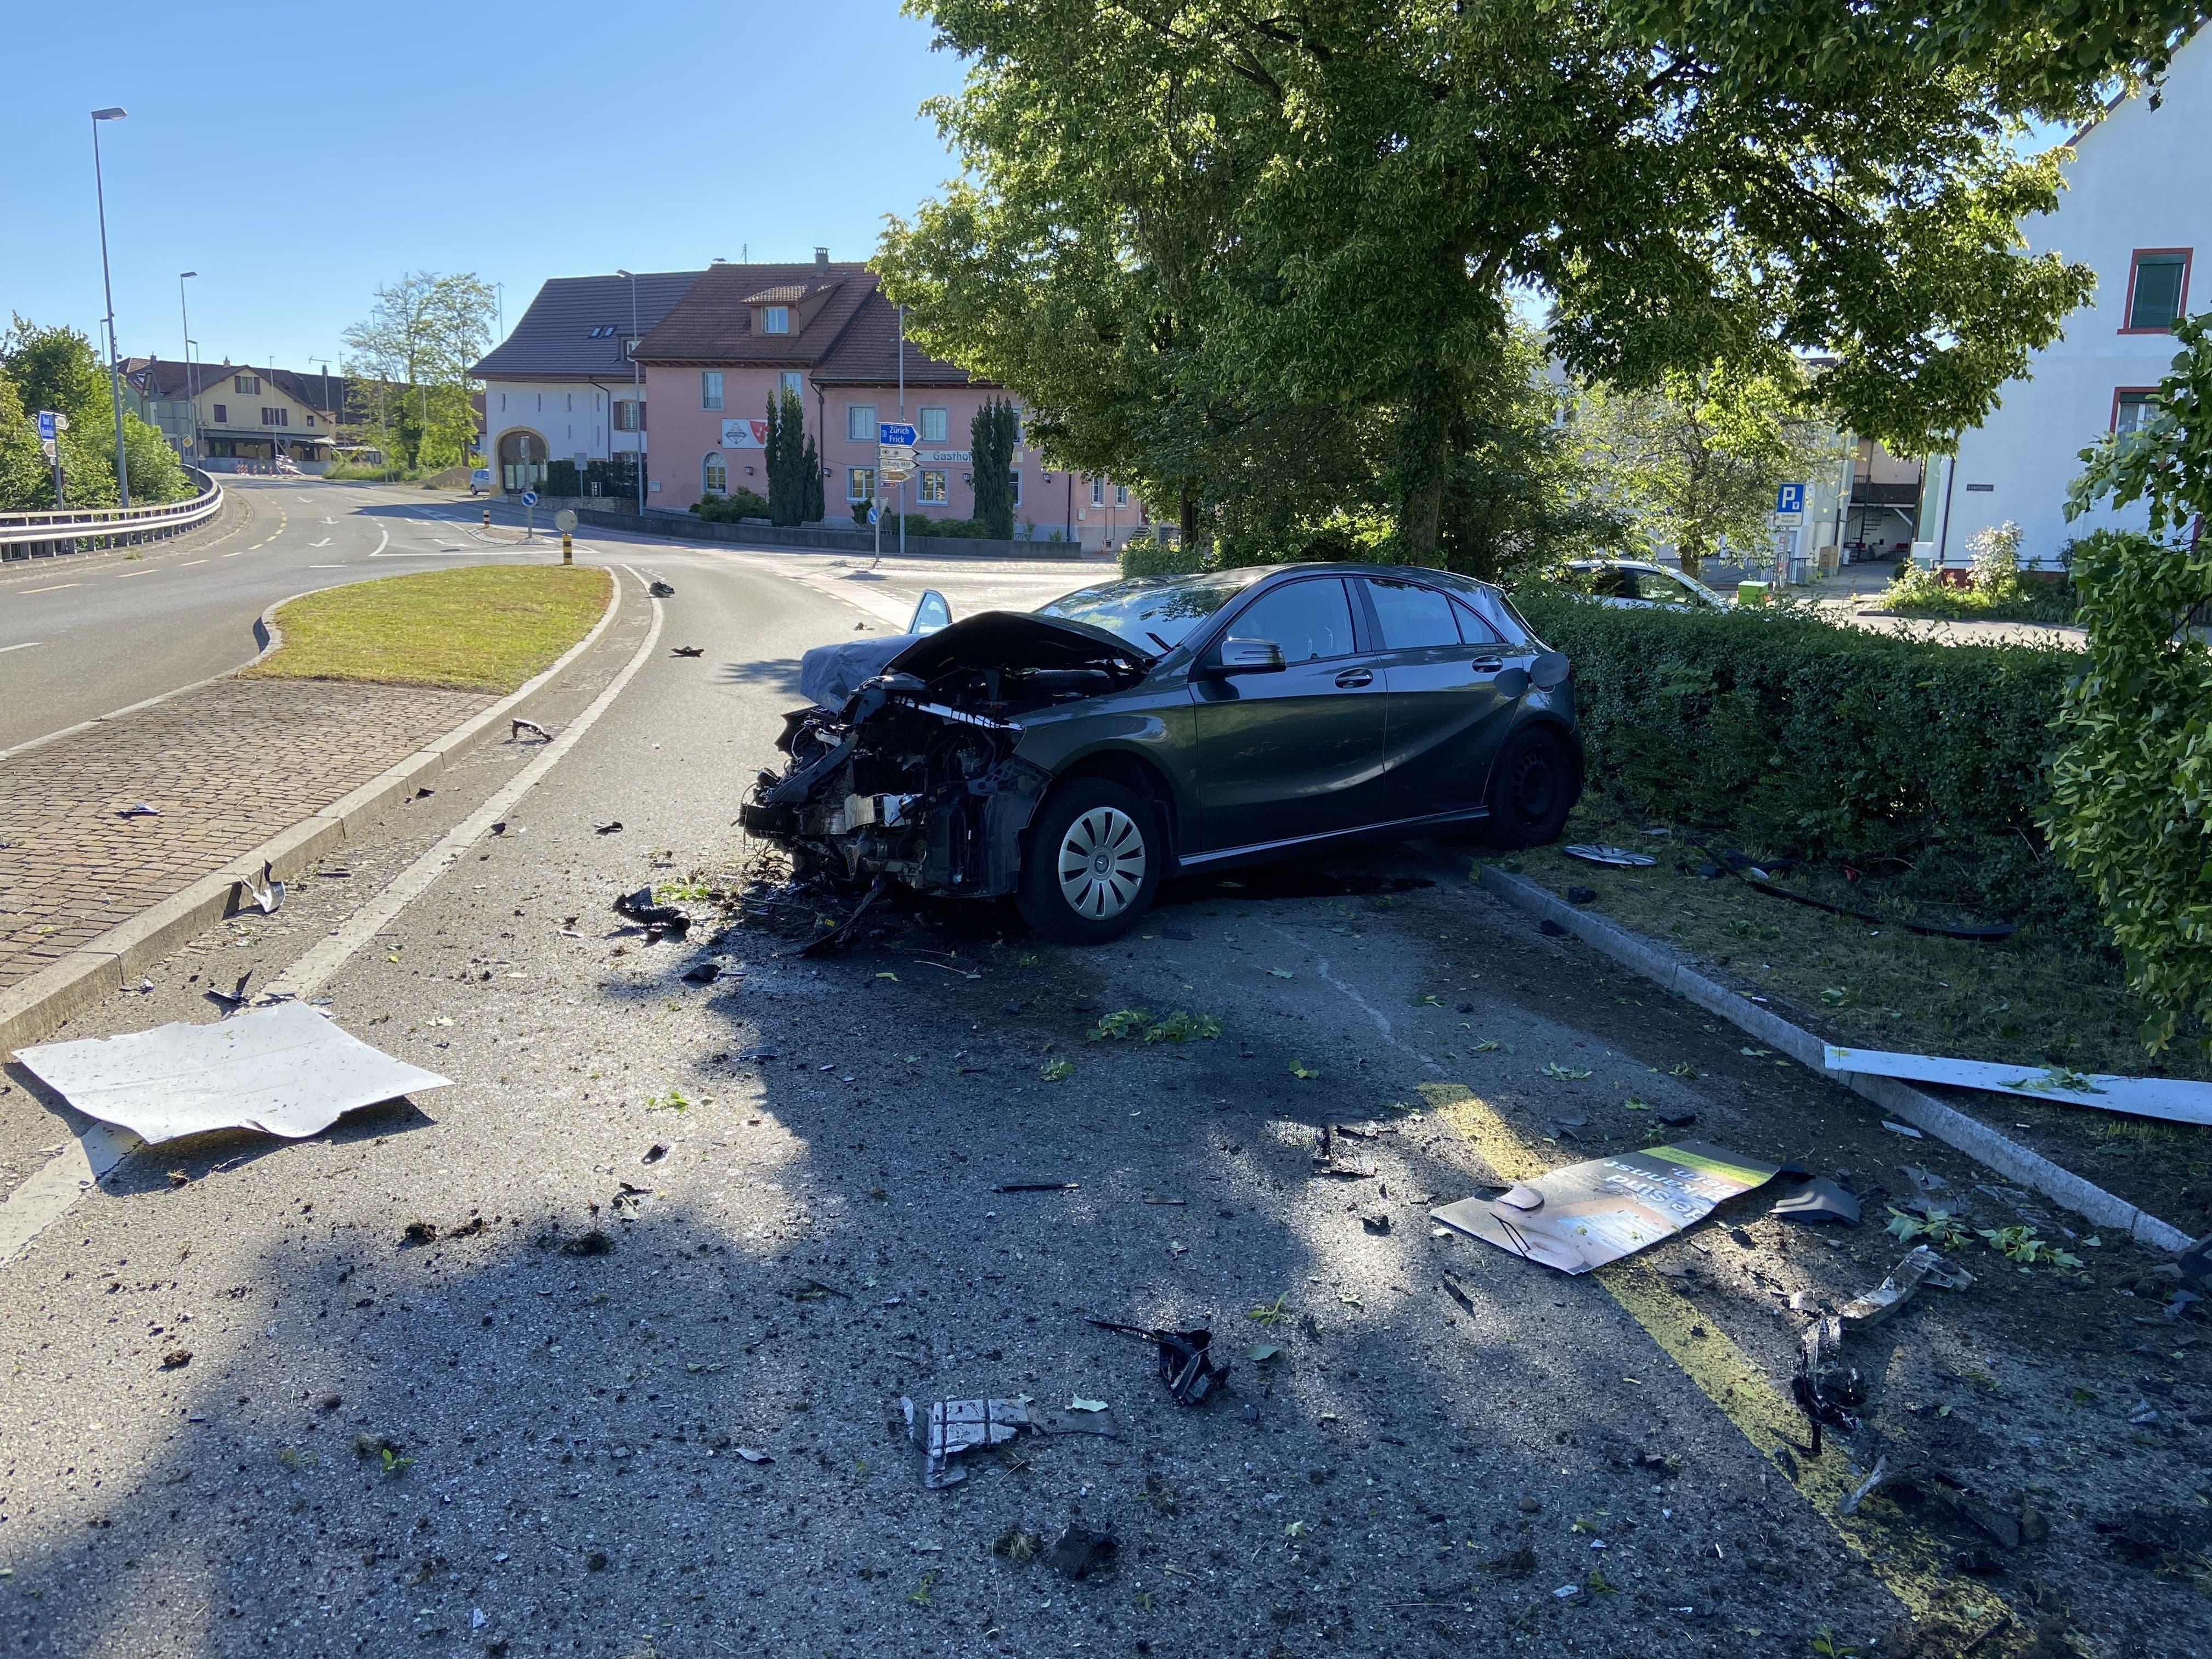 Stein AG, 30. Mai: Zwei unbekannte klauen einen Mercedes und verunfallen damit. Die Polizei verhaftet später einen 21-jährigen Deutschen.